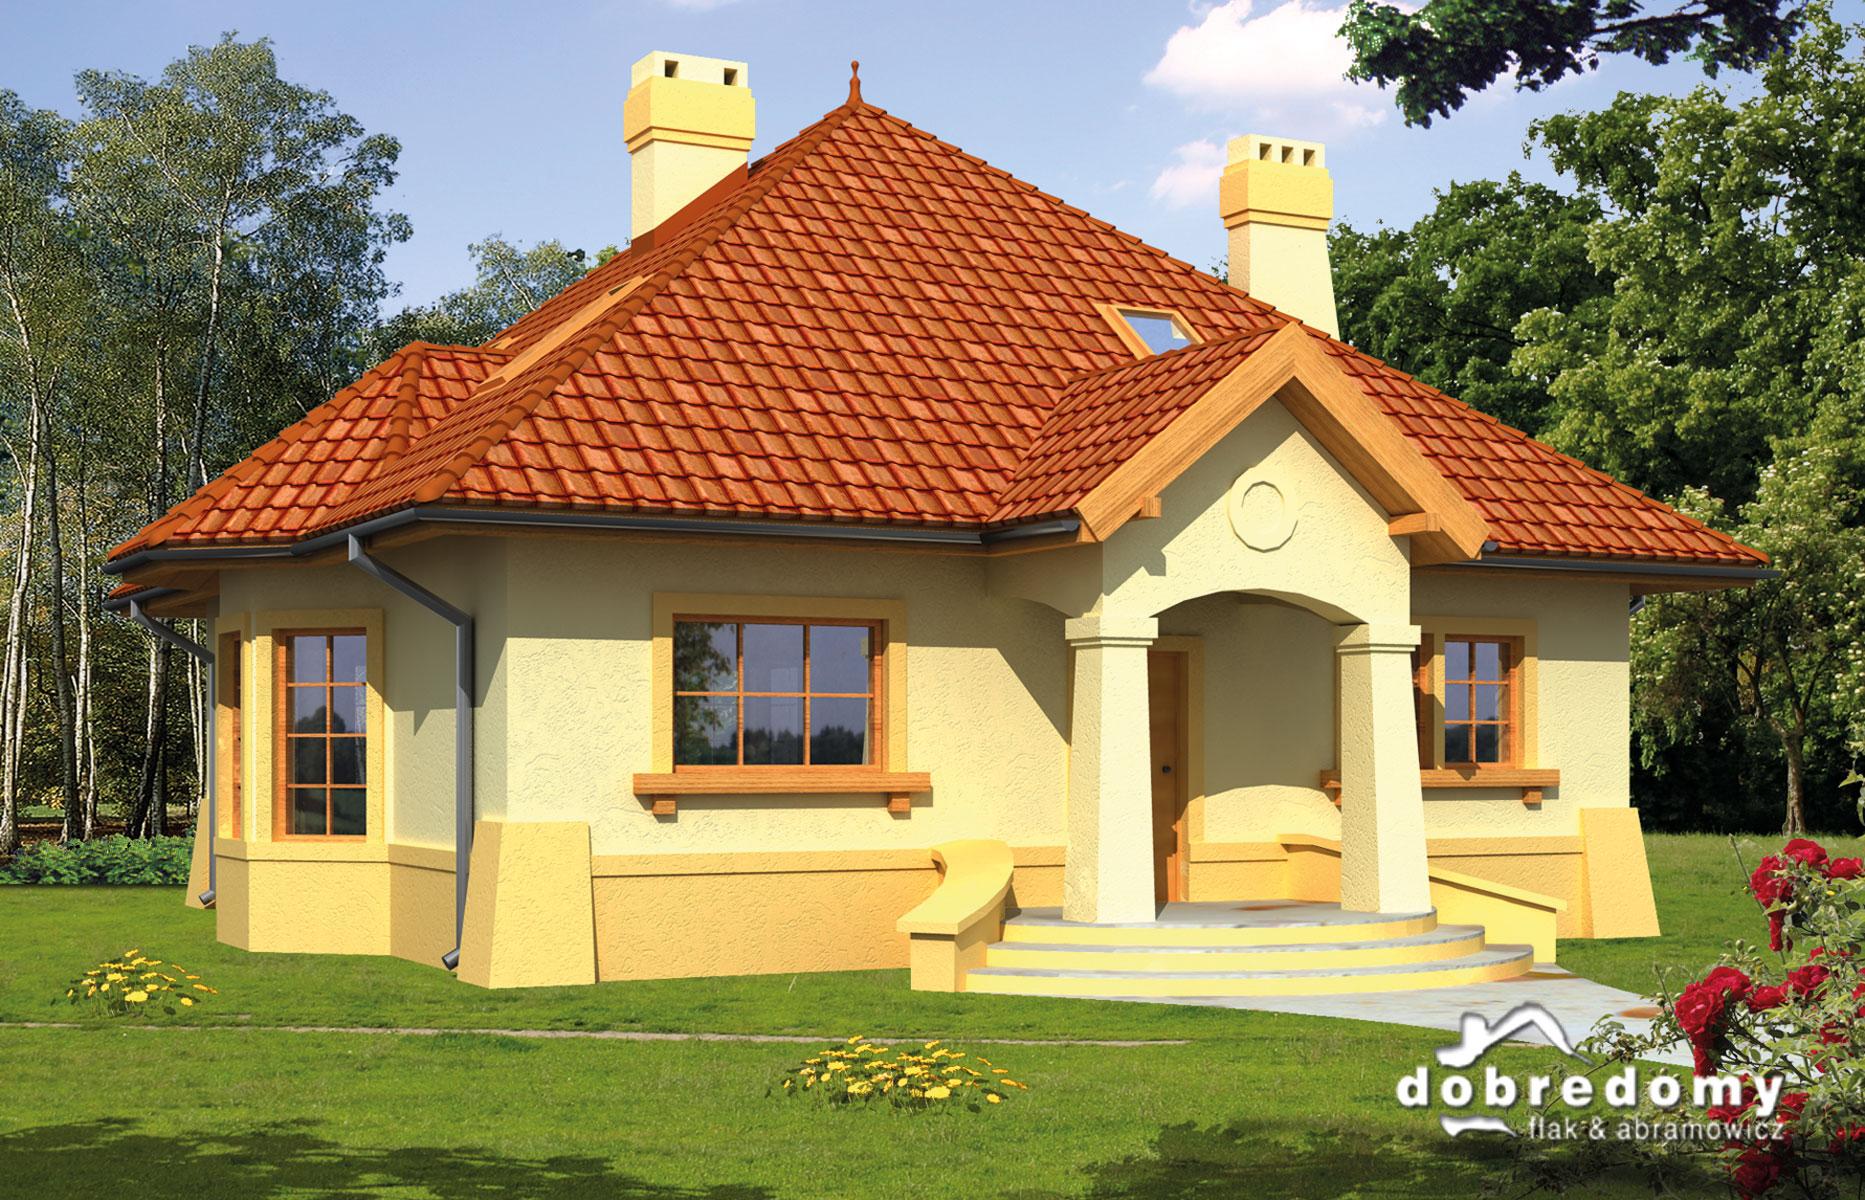 Jak pomalować elewację domu jednorodzinnego farbą fasadową?